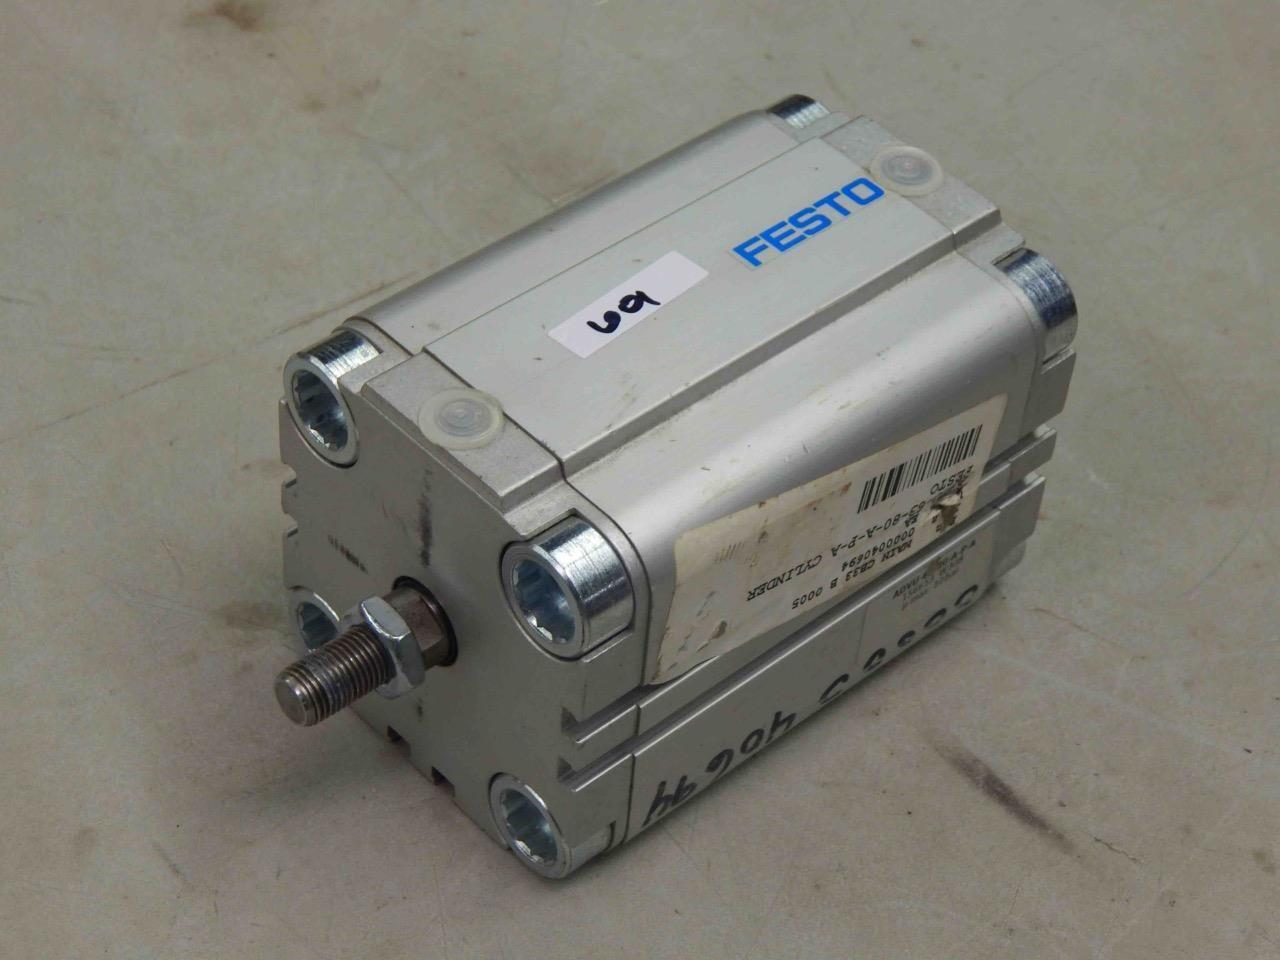 Festo ADVU-63-80-A-P-A 156653 Stroke 80mm, Bore 63mm ...